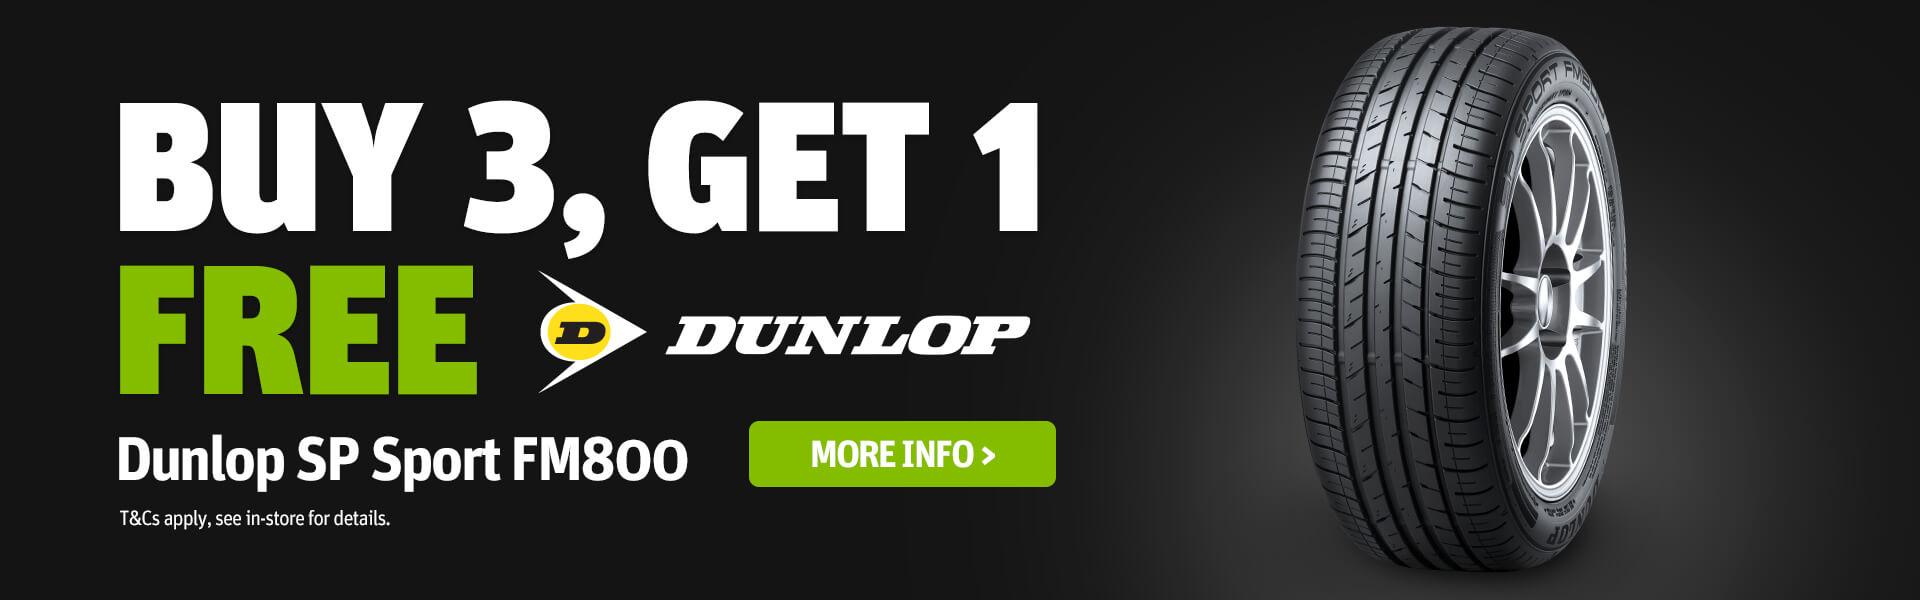 Buy 3 GET 1 FREE. Dunlop SP Sport FM800